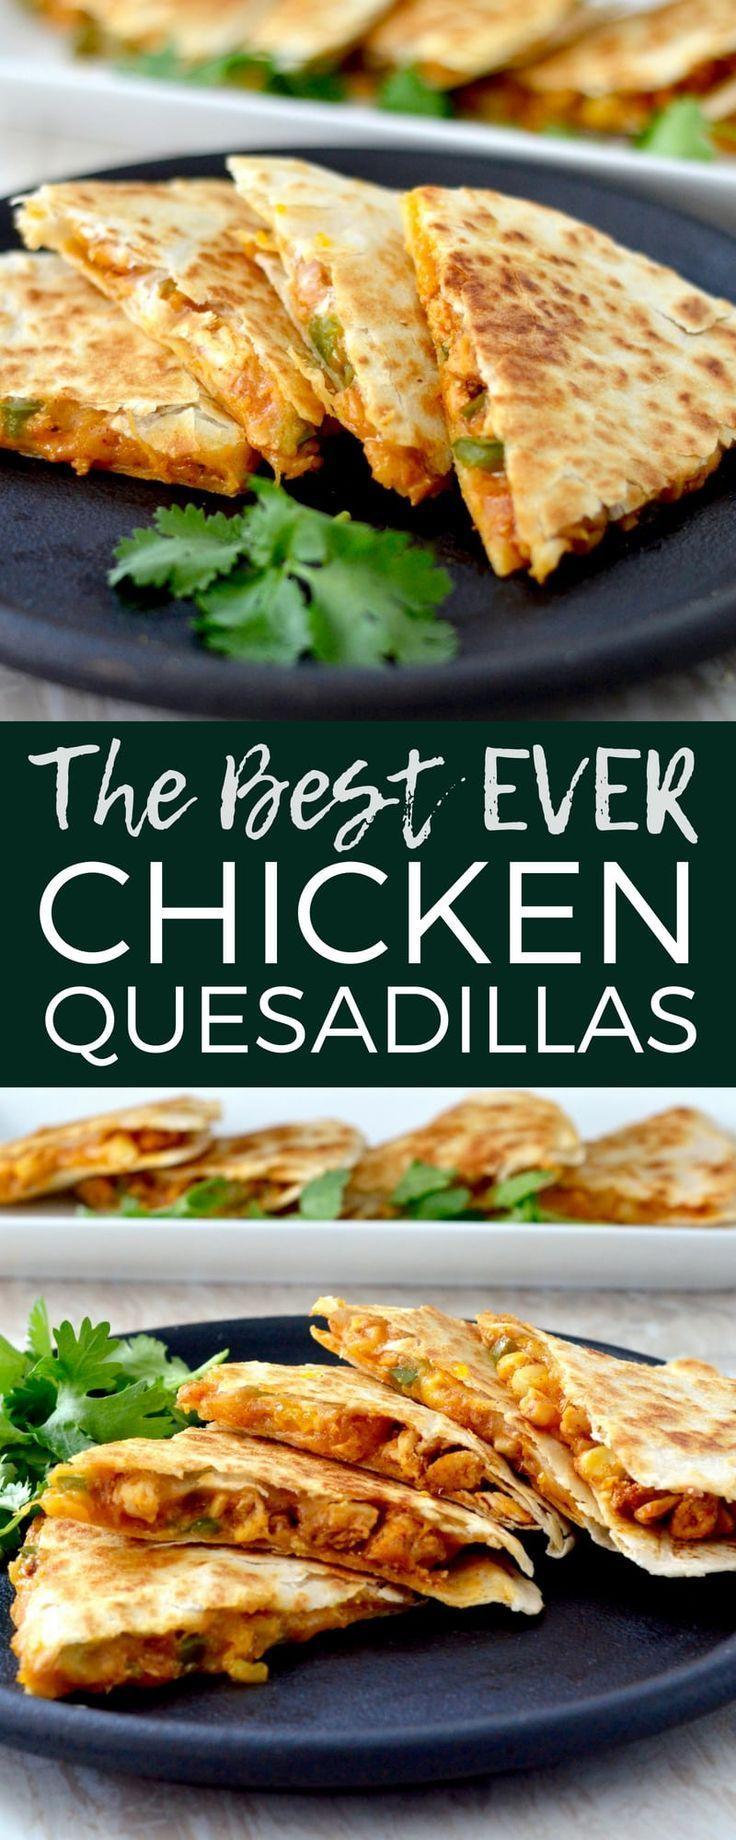 Dies ist das beste Huhn Quesadilla Rezept aller Zeiten! Es ist eine einzigartige, schnelle, einfache...